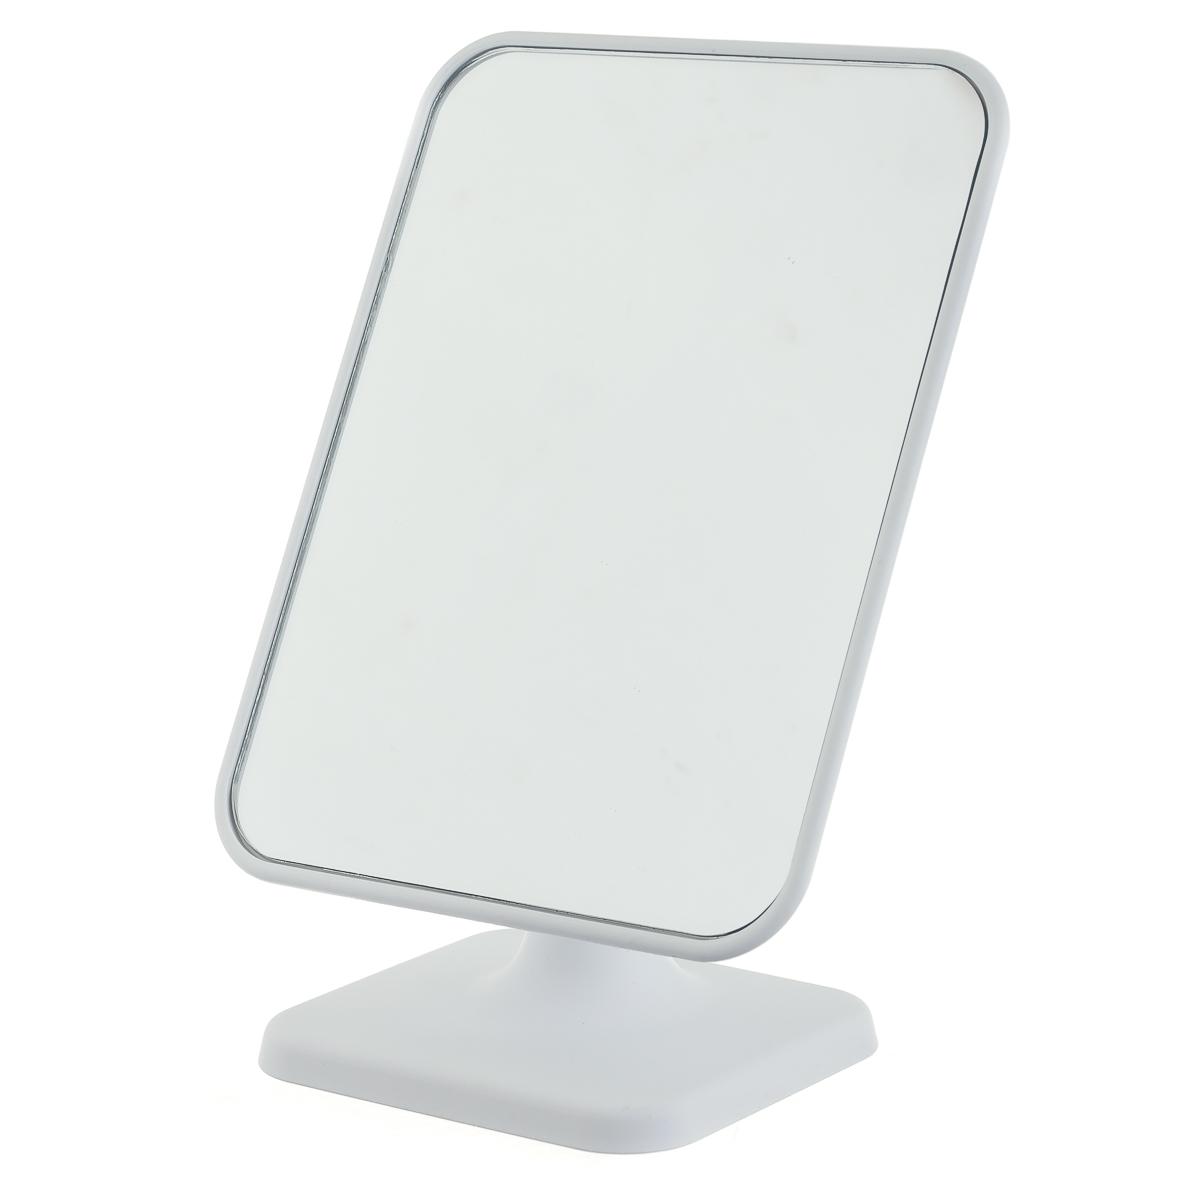 Зеркало, квадратное, чисто белое